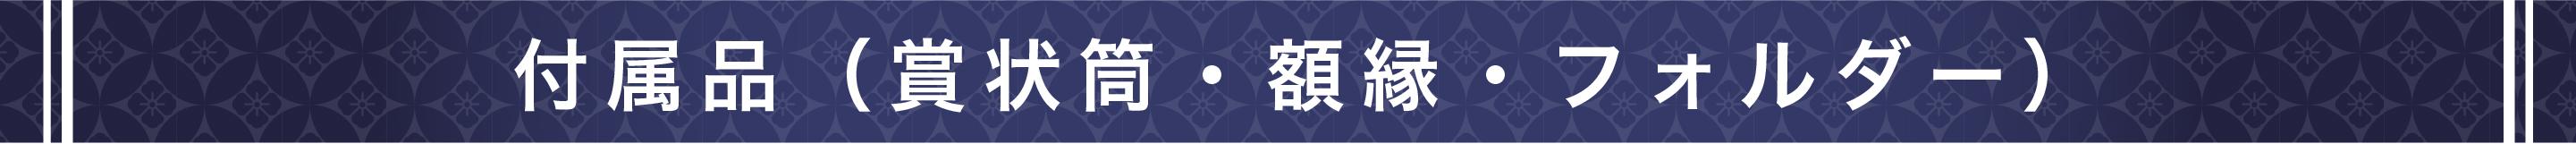 付属品(賞状筒・額縁・フォルダー)